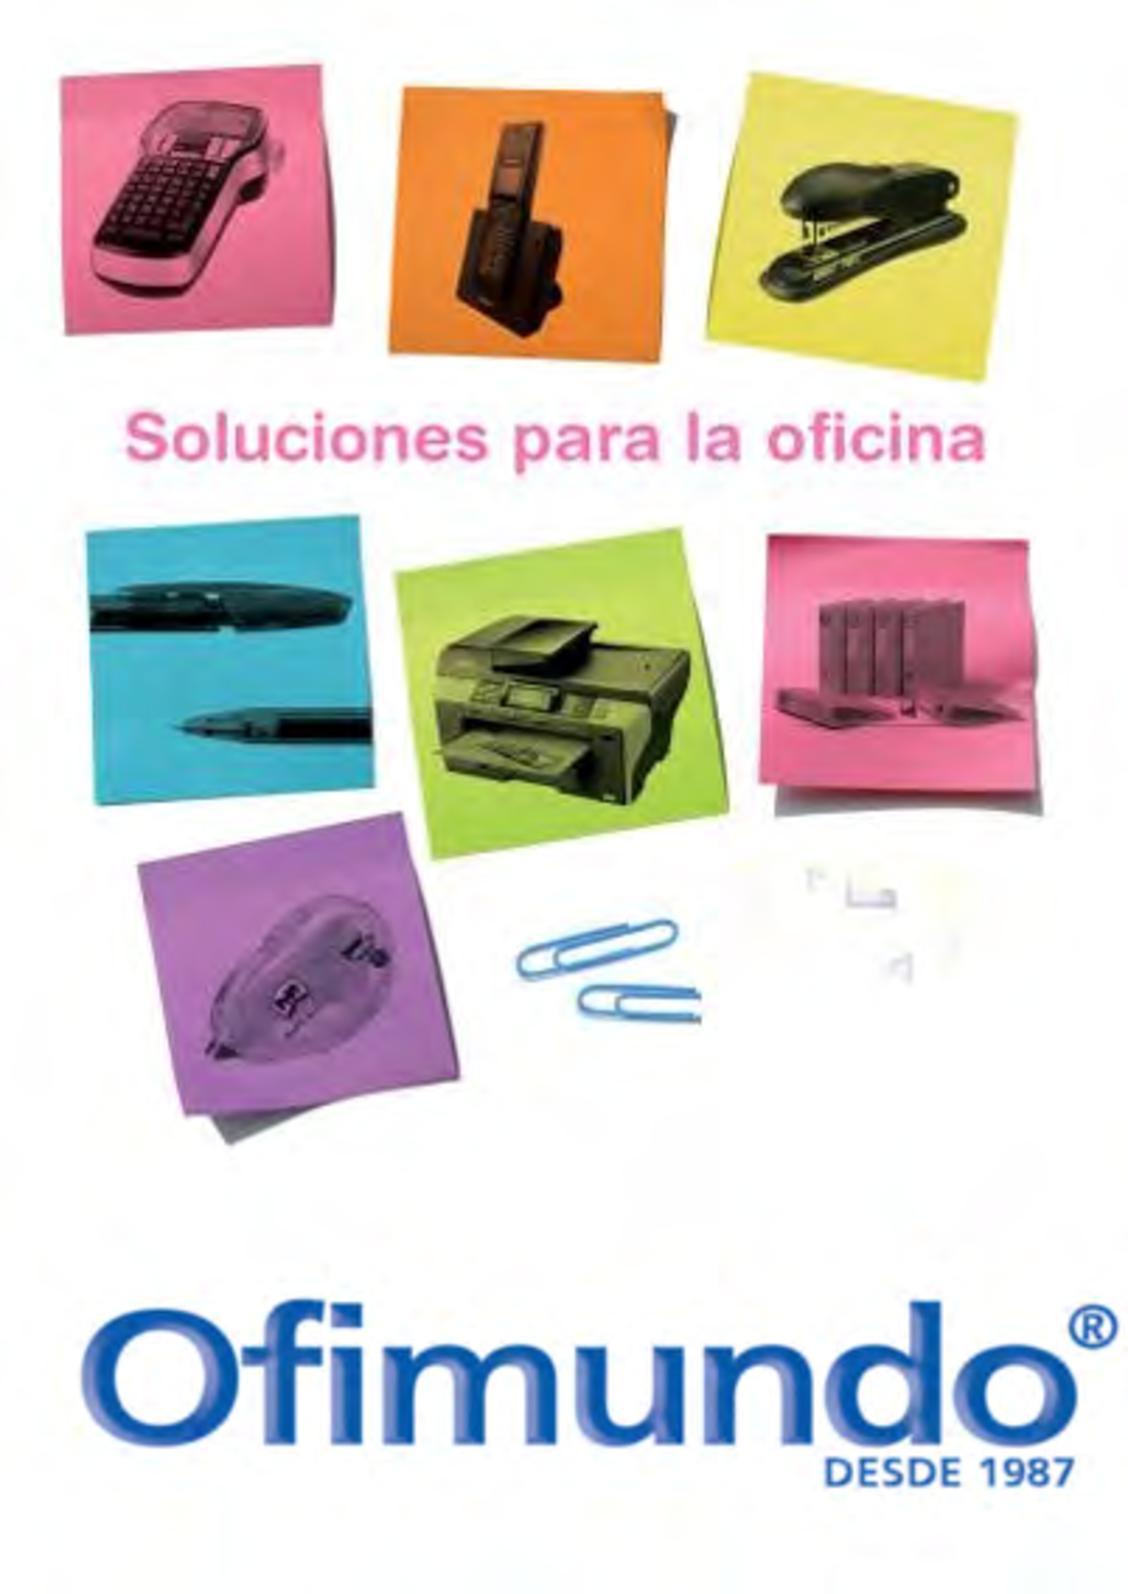 Calaméo - Ofimundo Catálogo General 822e9243f57d